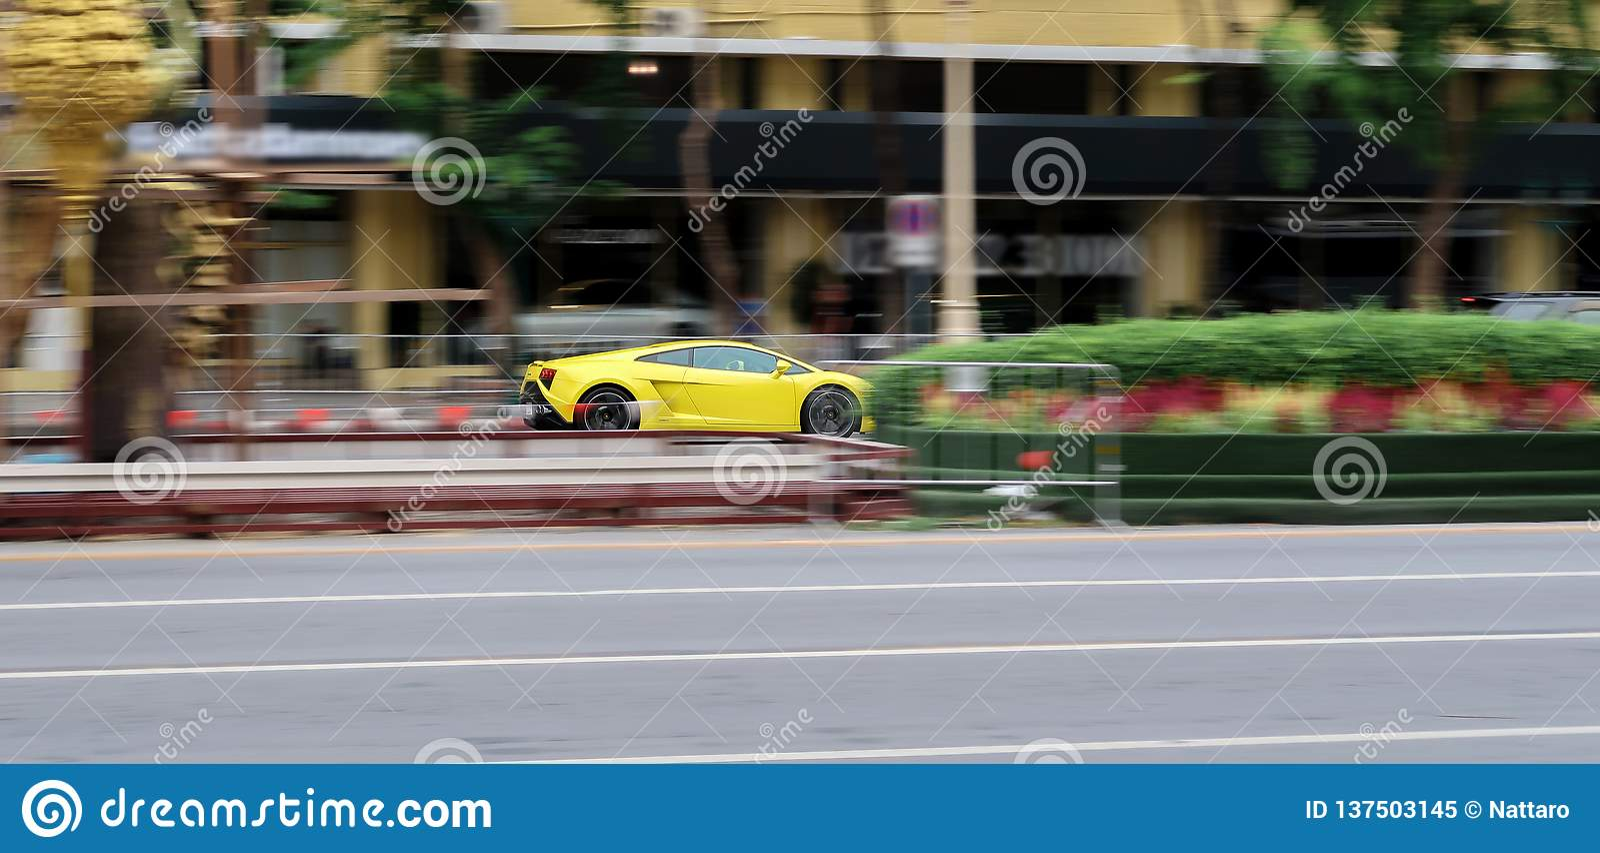 Lamborghini Gallardo amarelo que conduz muito rápido na rua Borrão de movimento